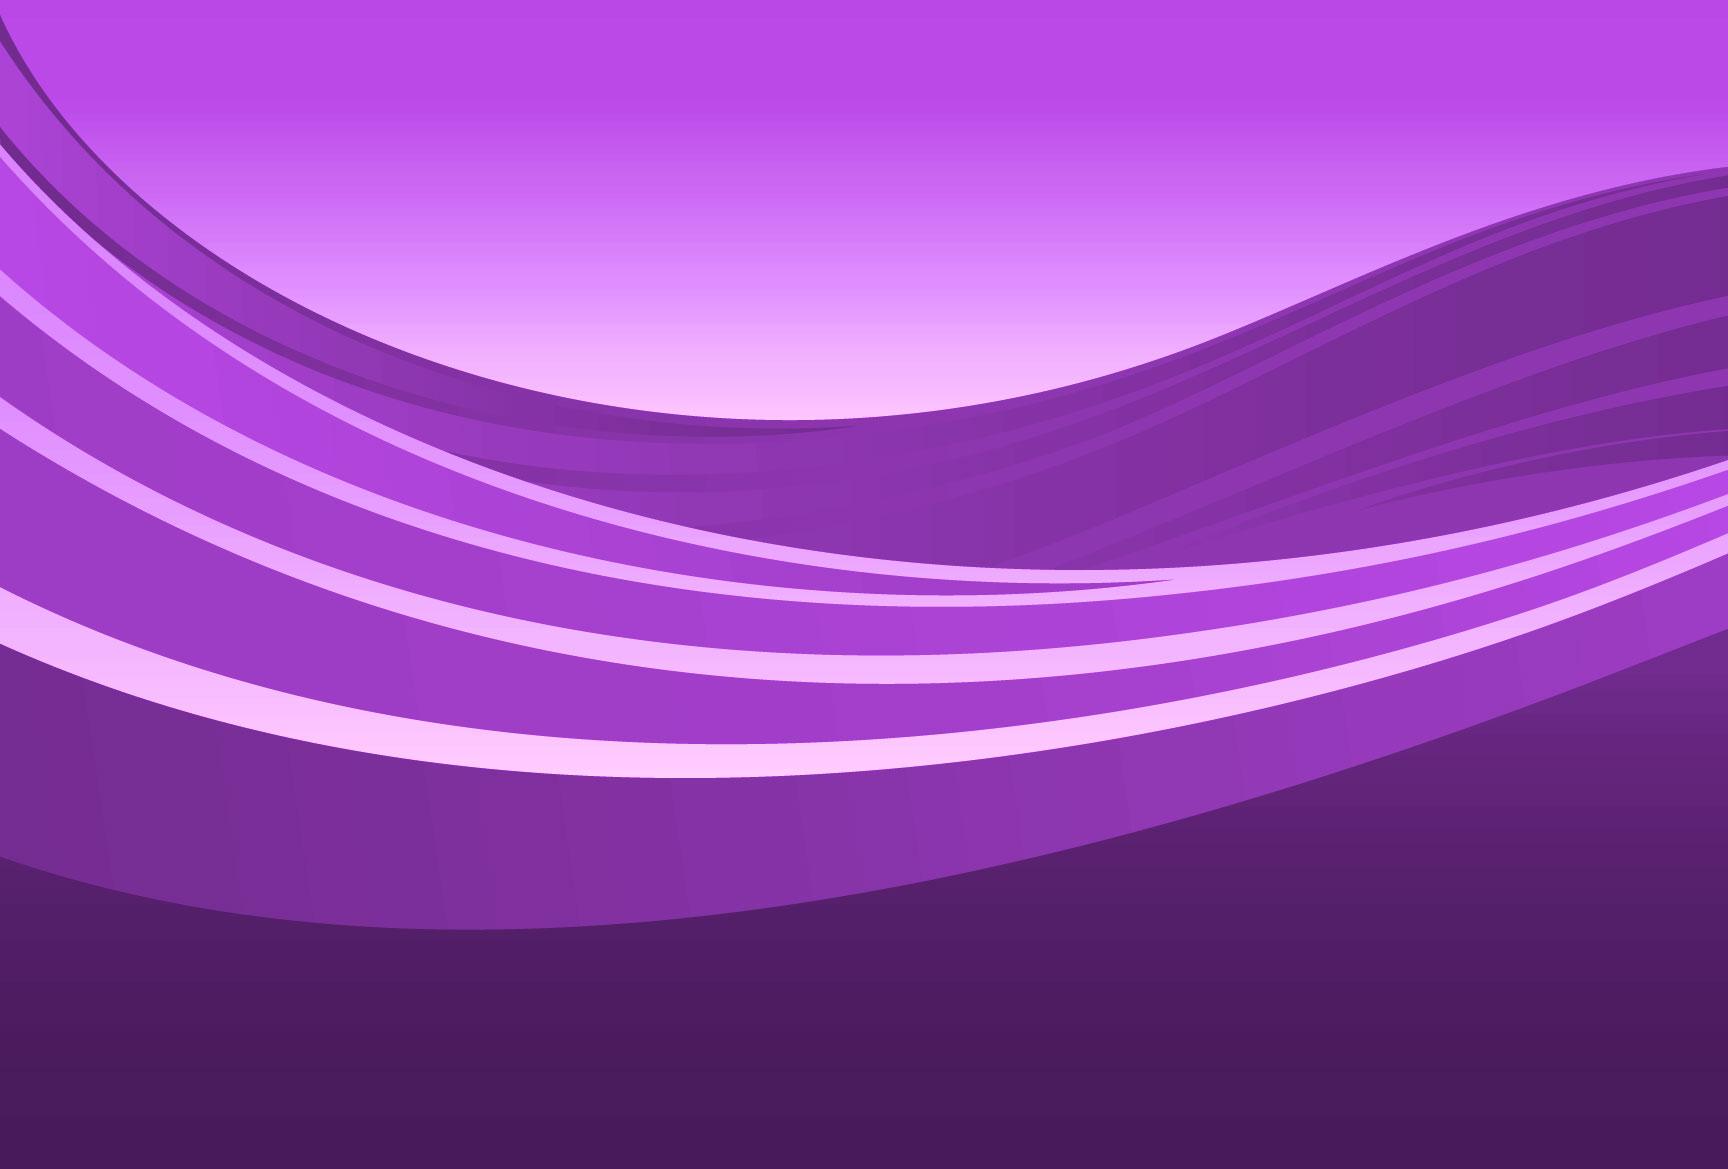 professional background images purple wwwimgkidcom